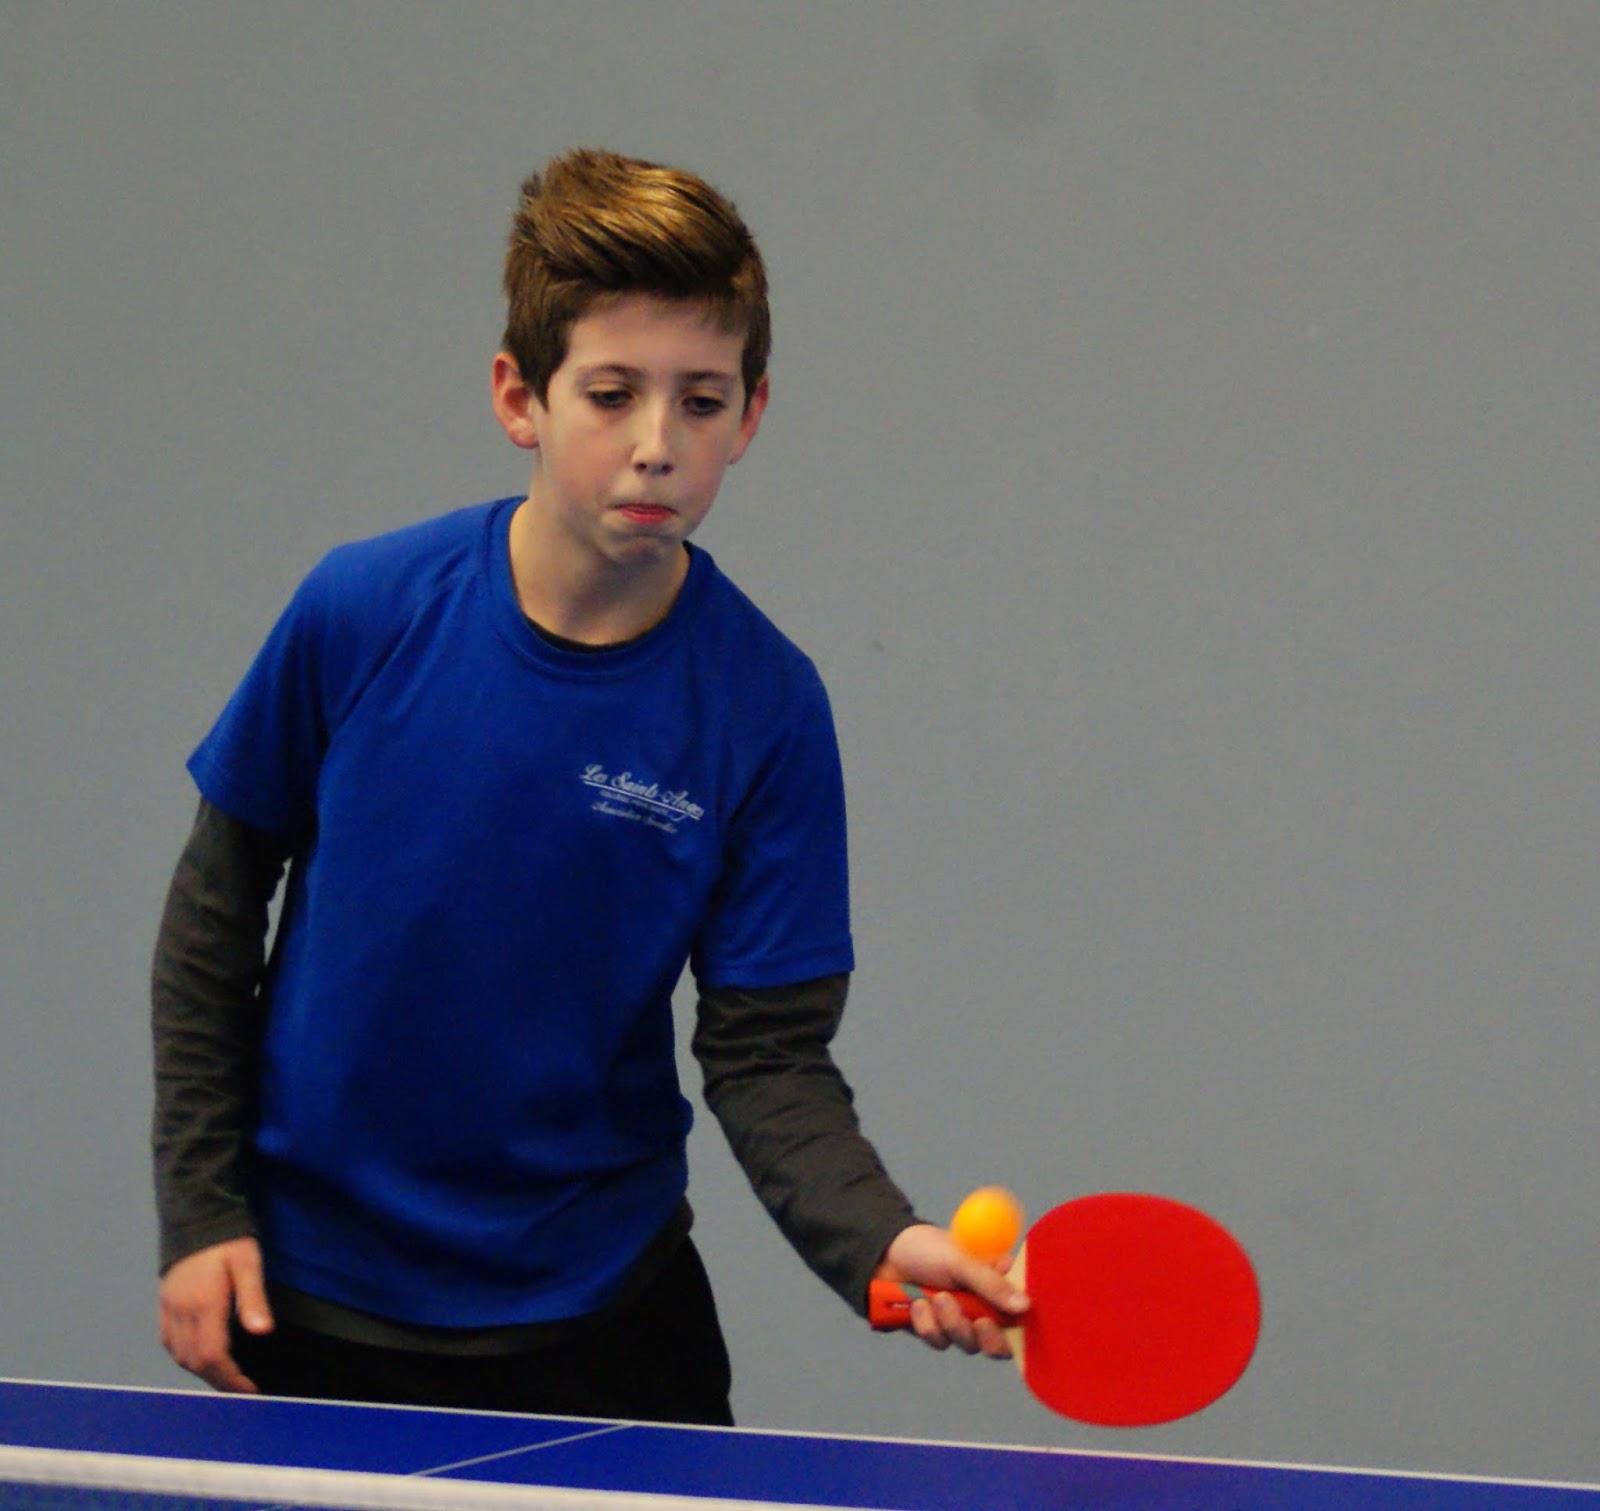 Association sportive f vrier 2016 - Julien lacroix tennis de table ...